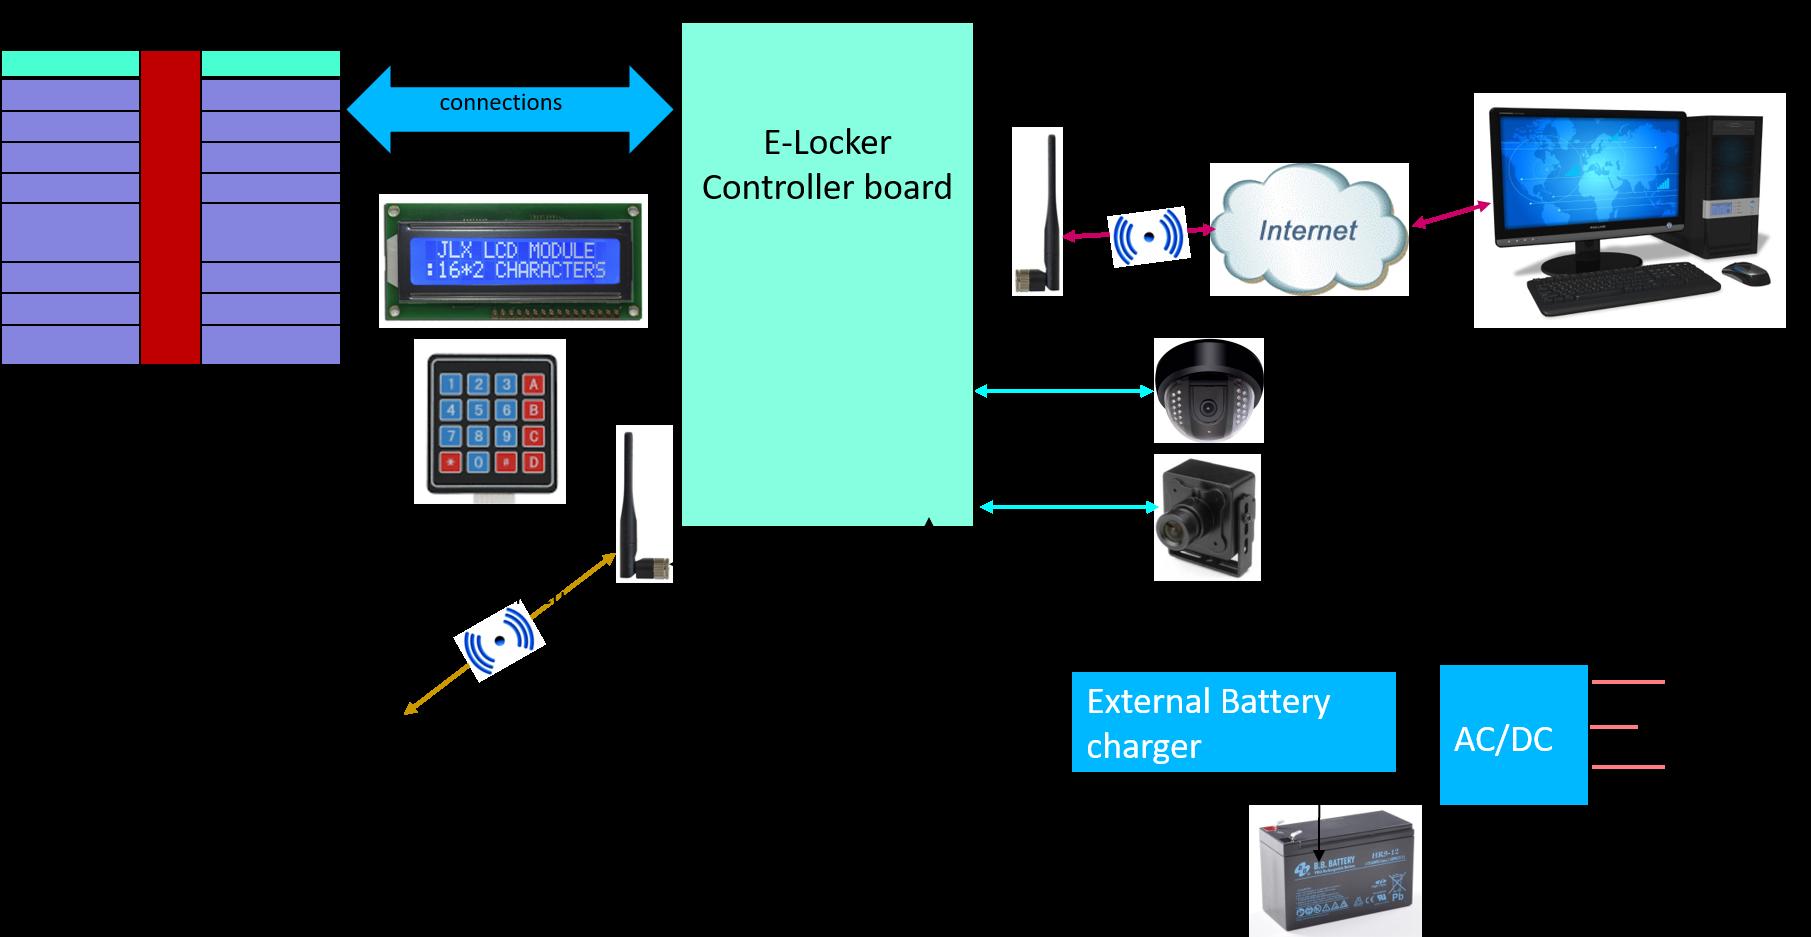 E-LOCKER SOLUTION